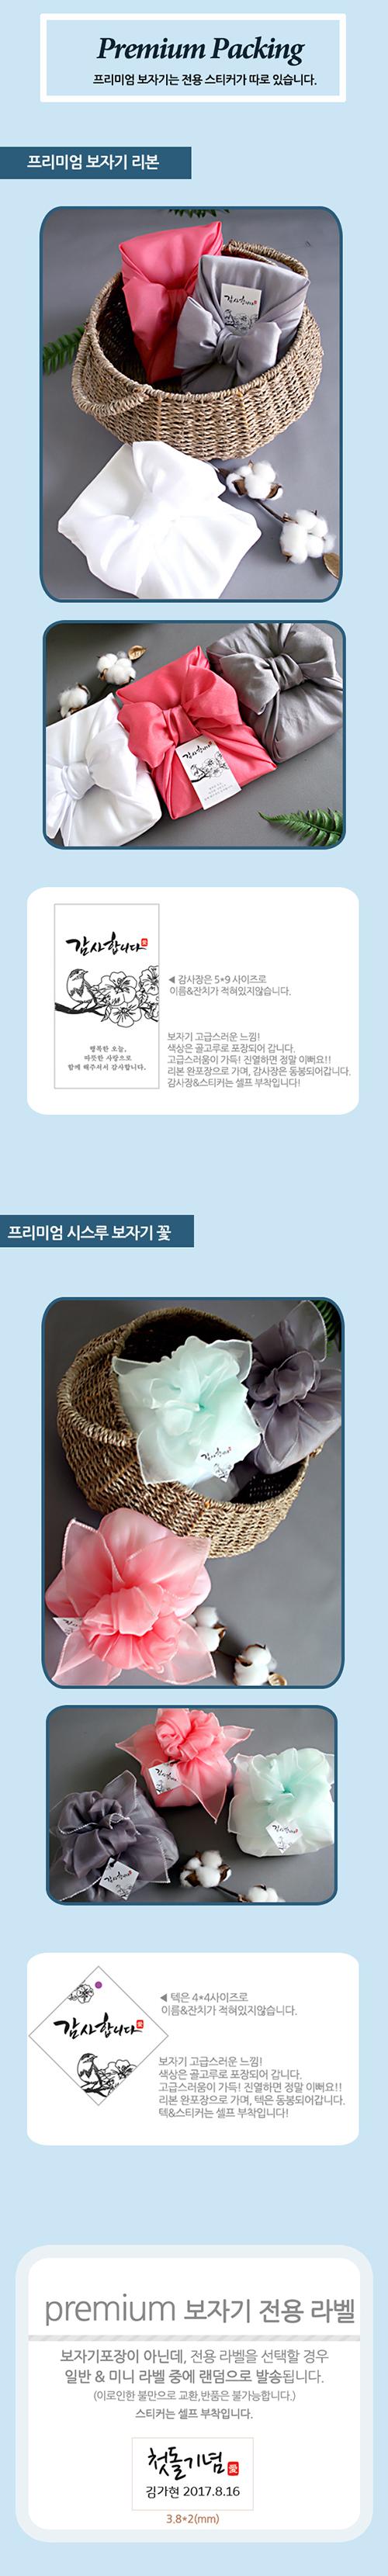 newbox3_1547311725.jpg